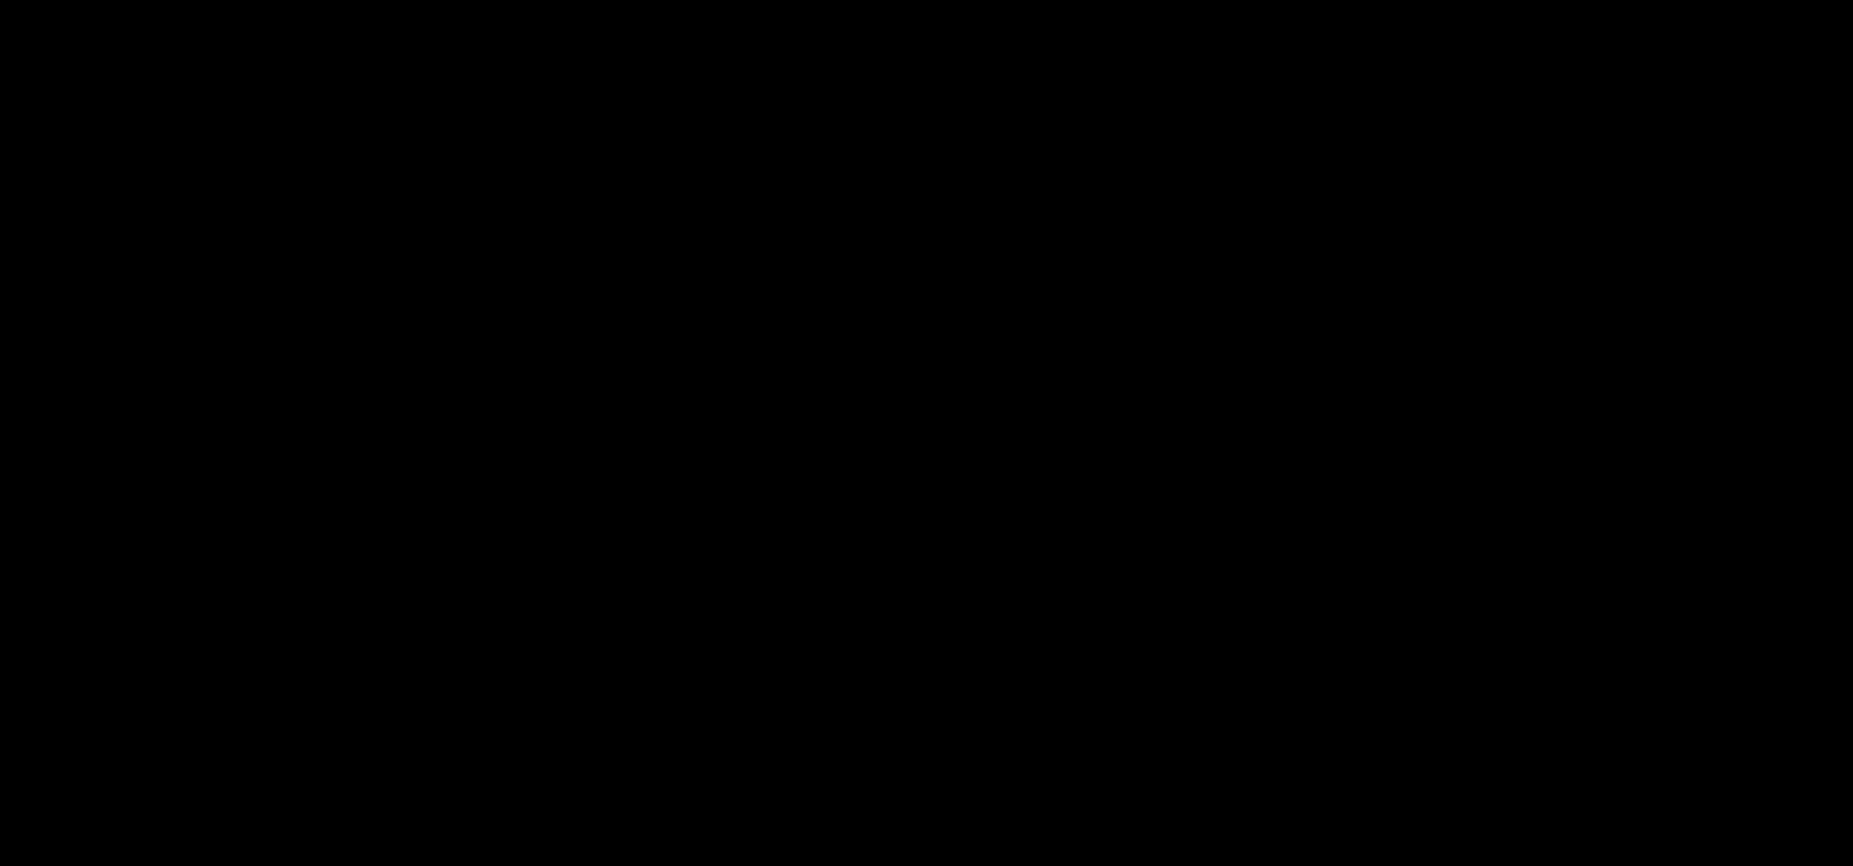 26,27-Didesmethyl-1,3-(tert-butyldimethylsilyl) (5Z)-Calcitriol 24-Carboxylic Acid Methyl Ester